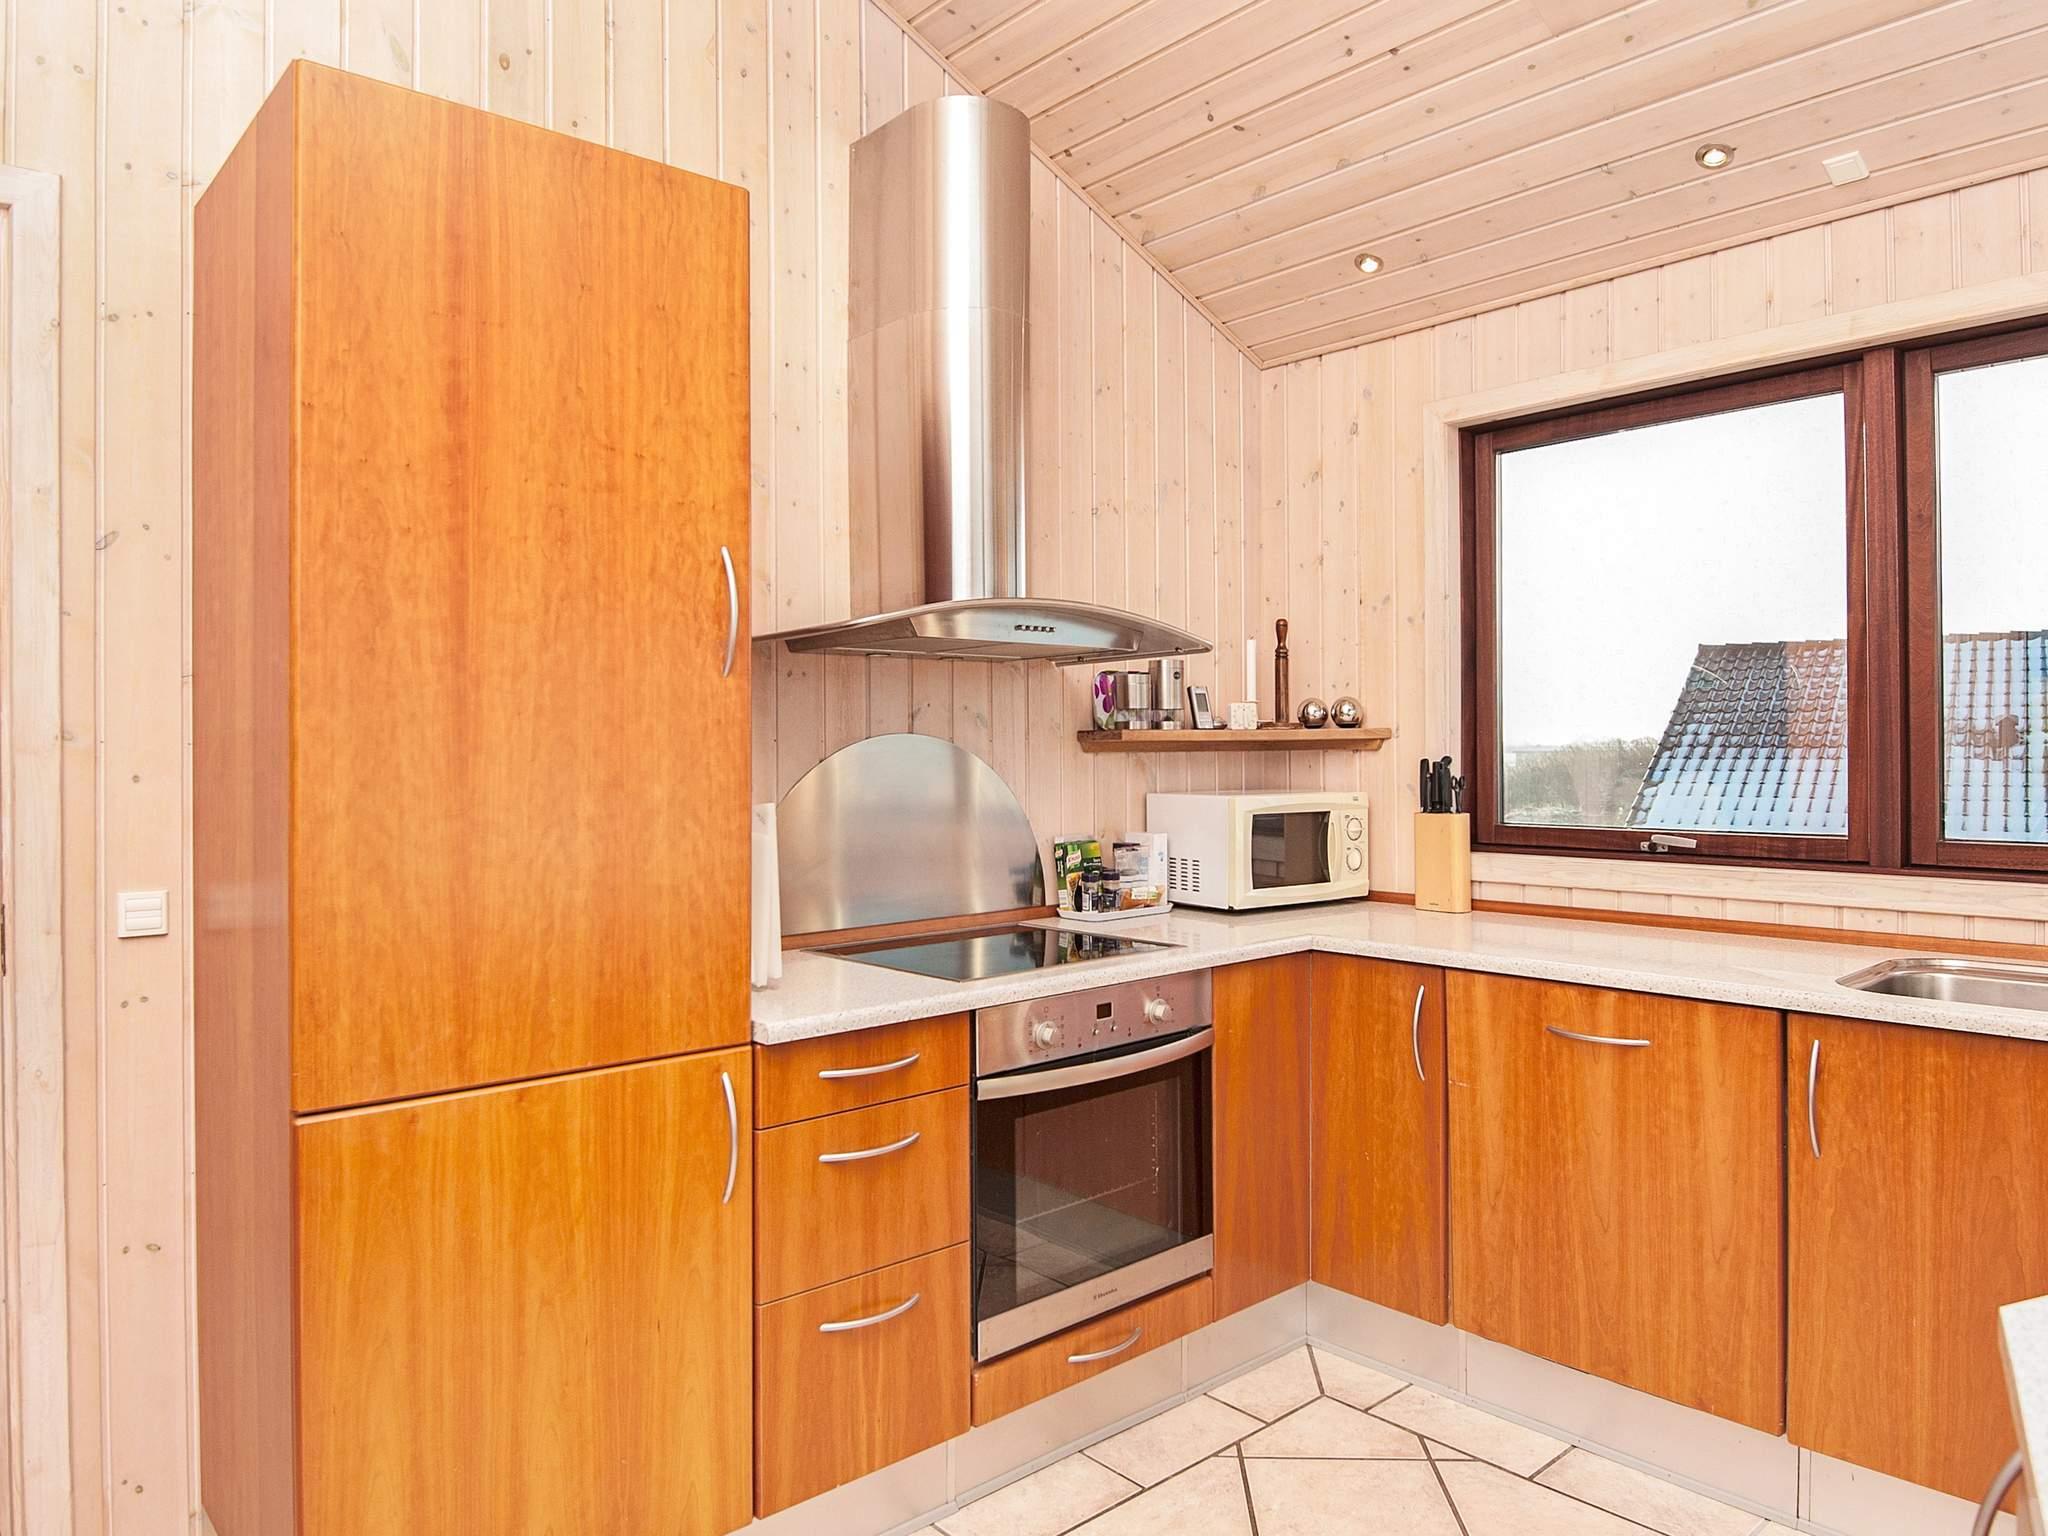 Ferienhaus Henne Strand (88550), Henne Strand, , Westjütland, Dänemark, Bild 9